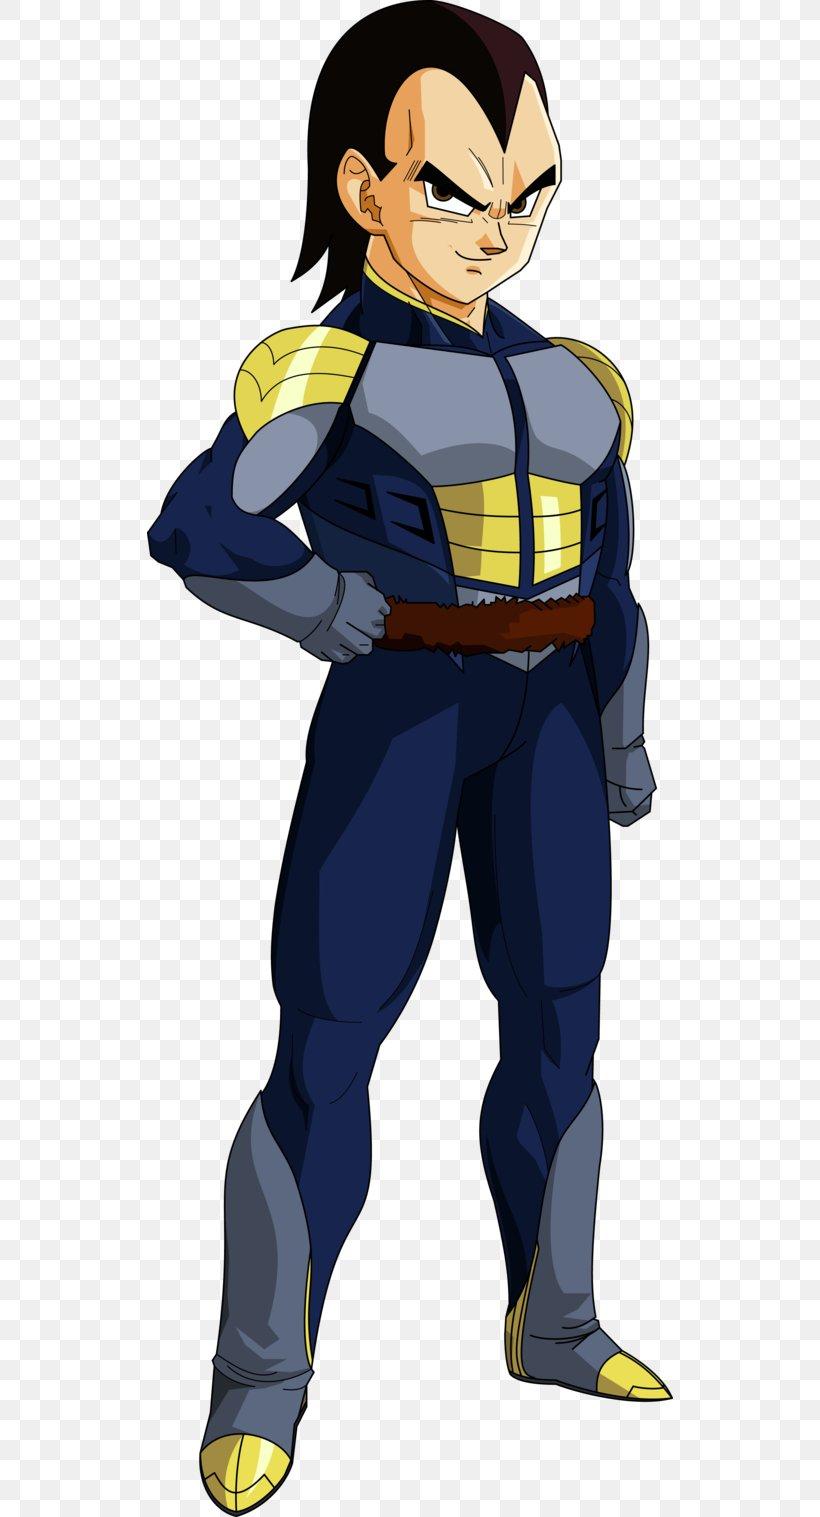 King Vegeta Super Saiyan Goku Png 526x1517px Vegeta